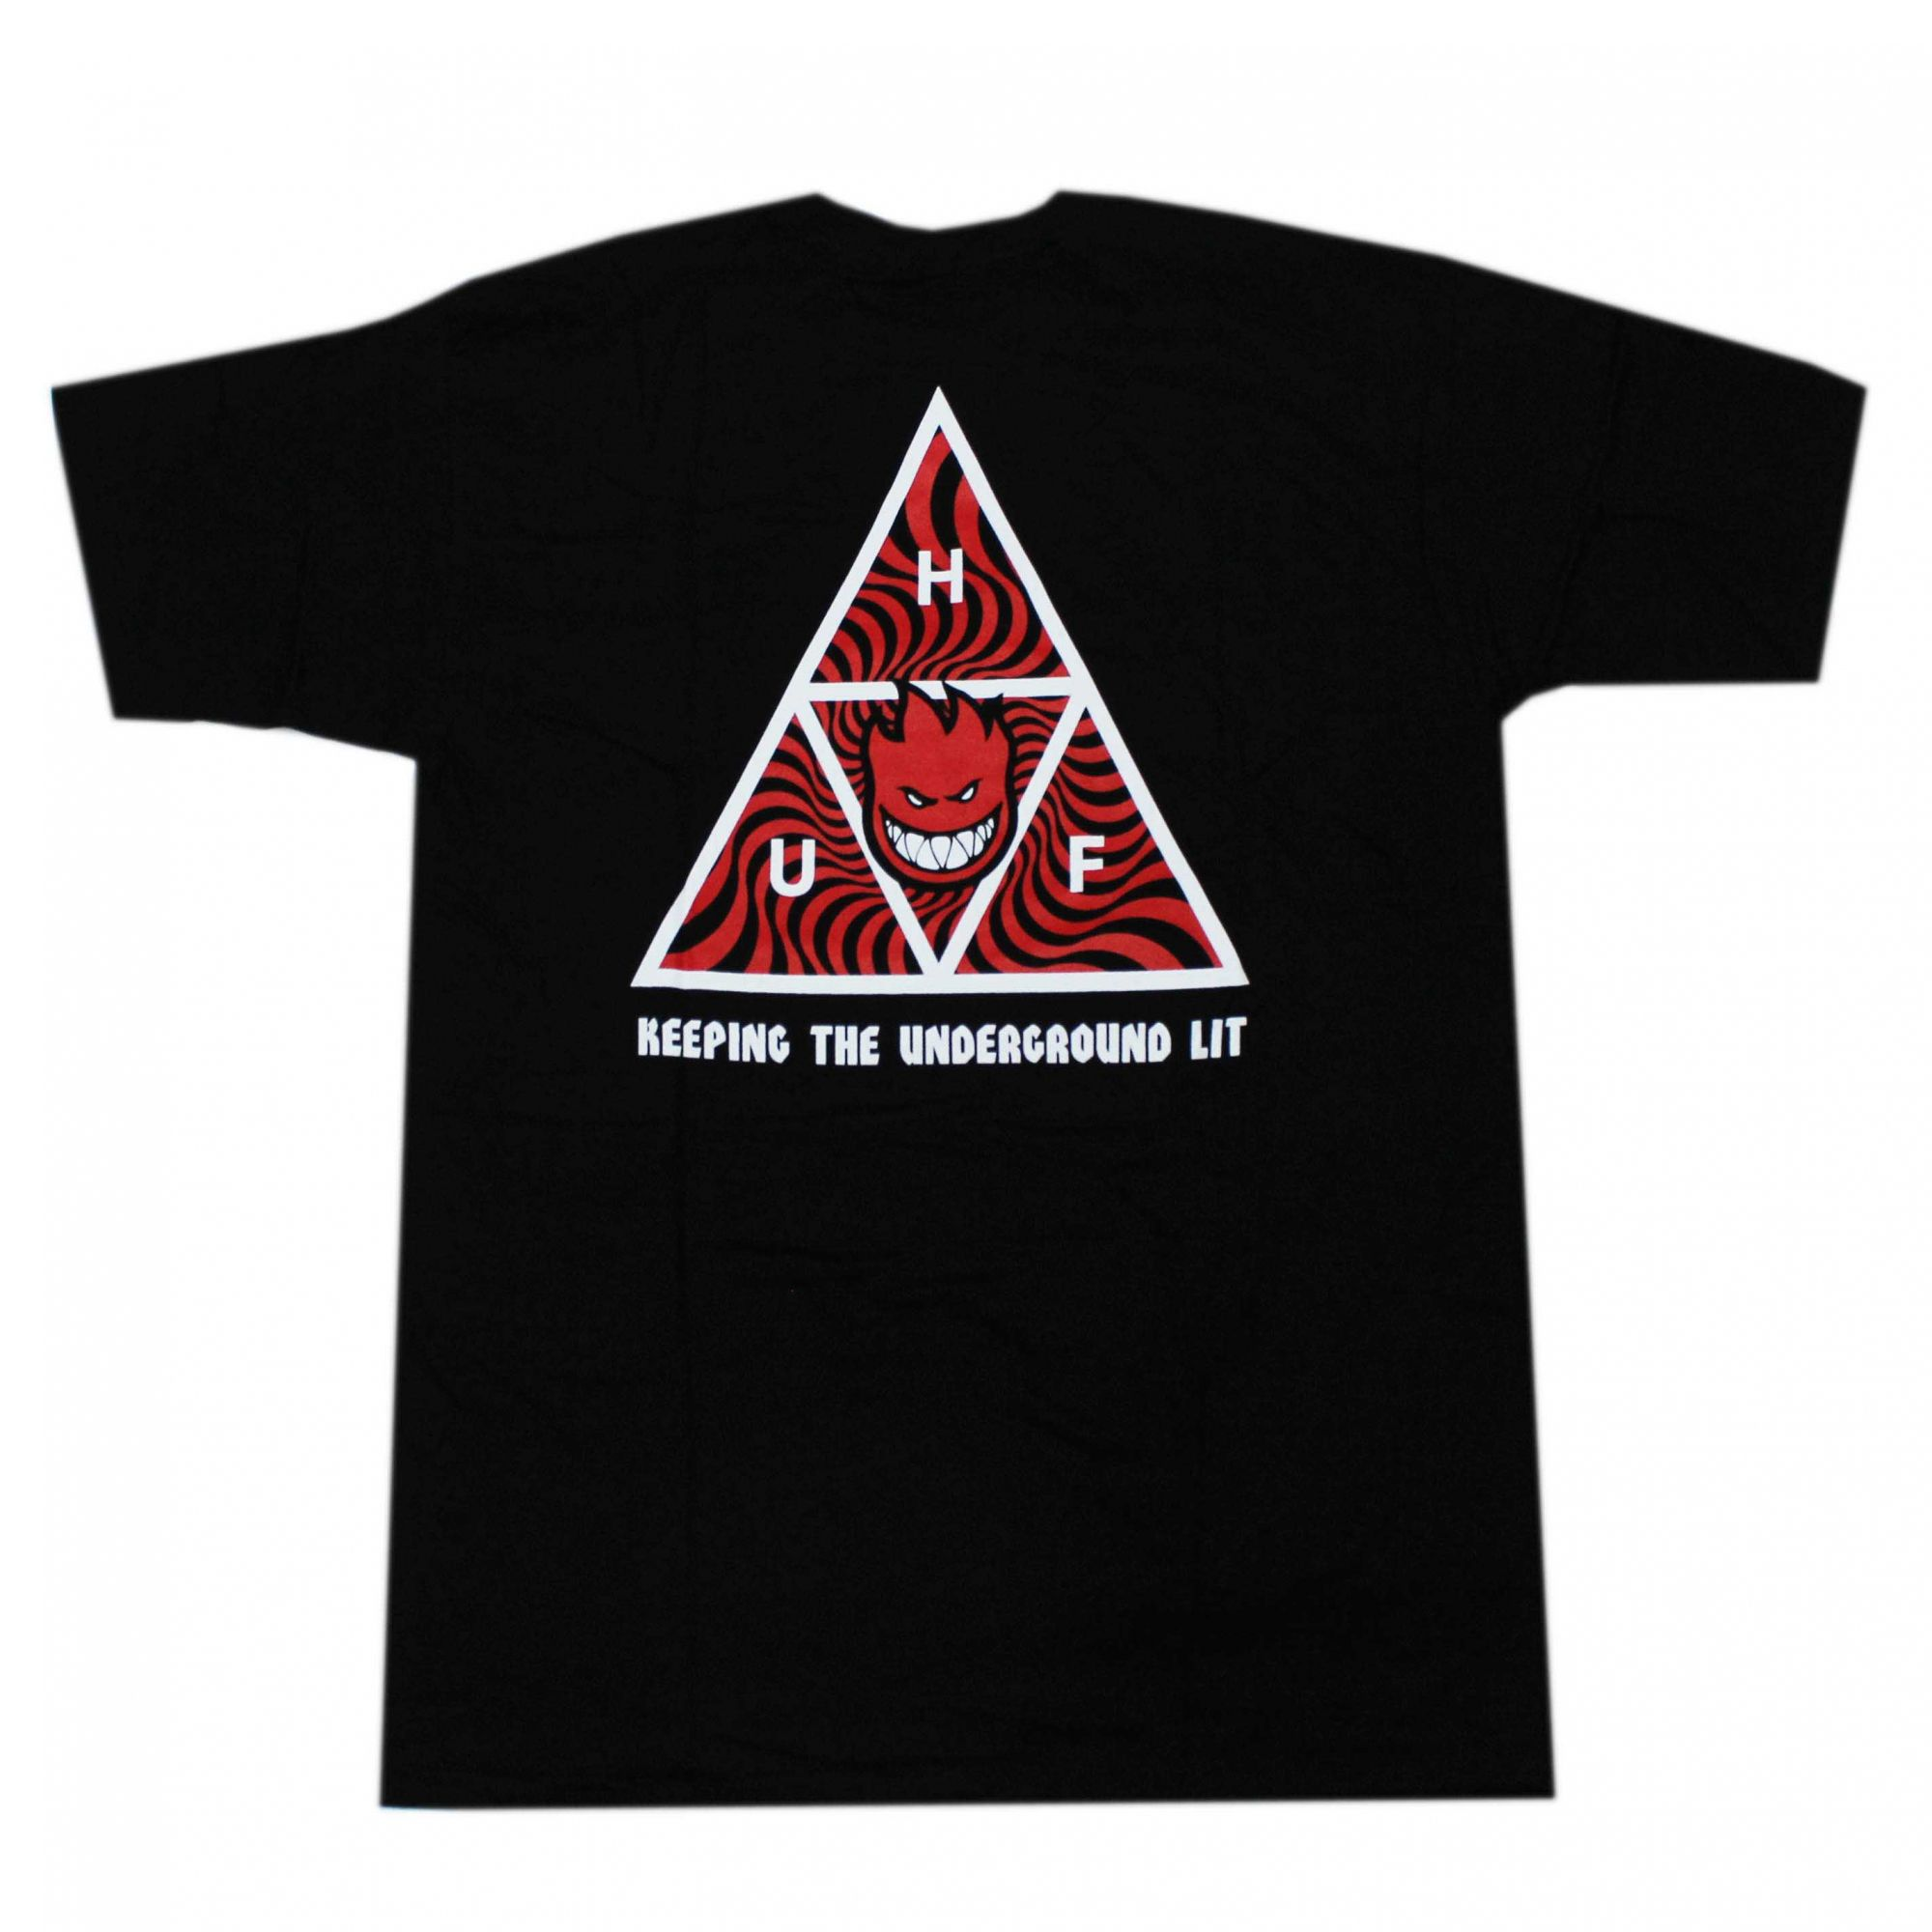 Camiseta HUF x Spitfire TT Preto (Importado)